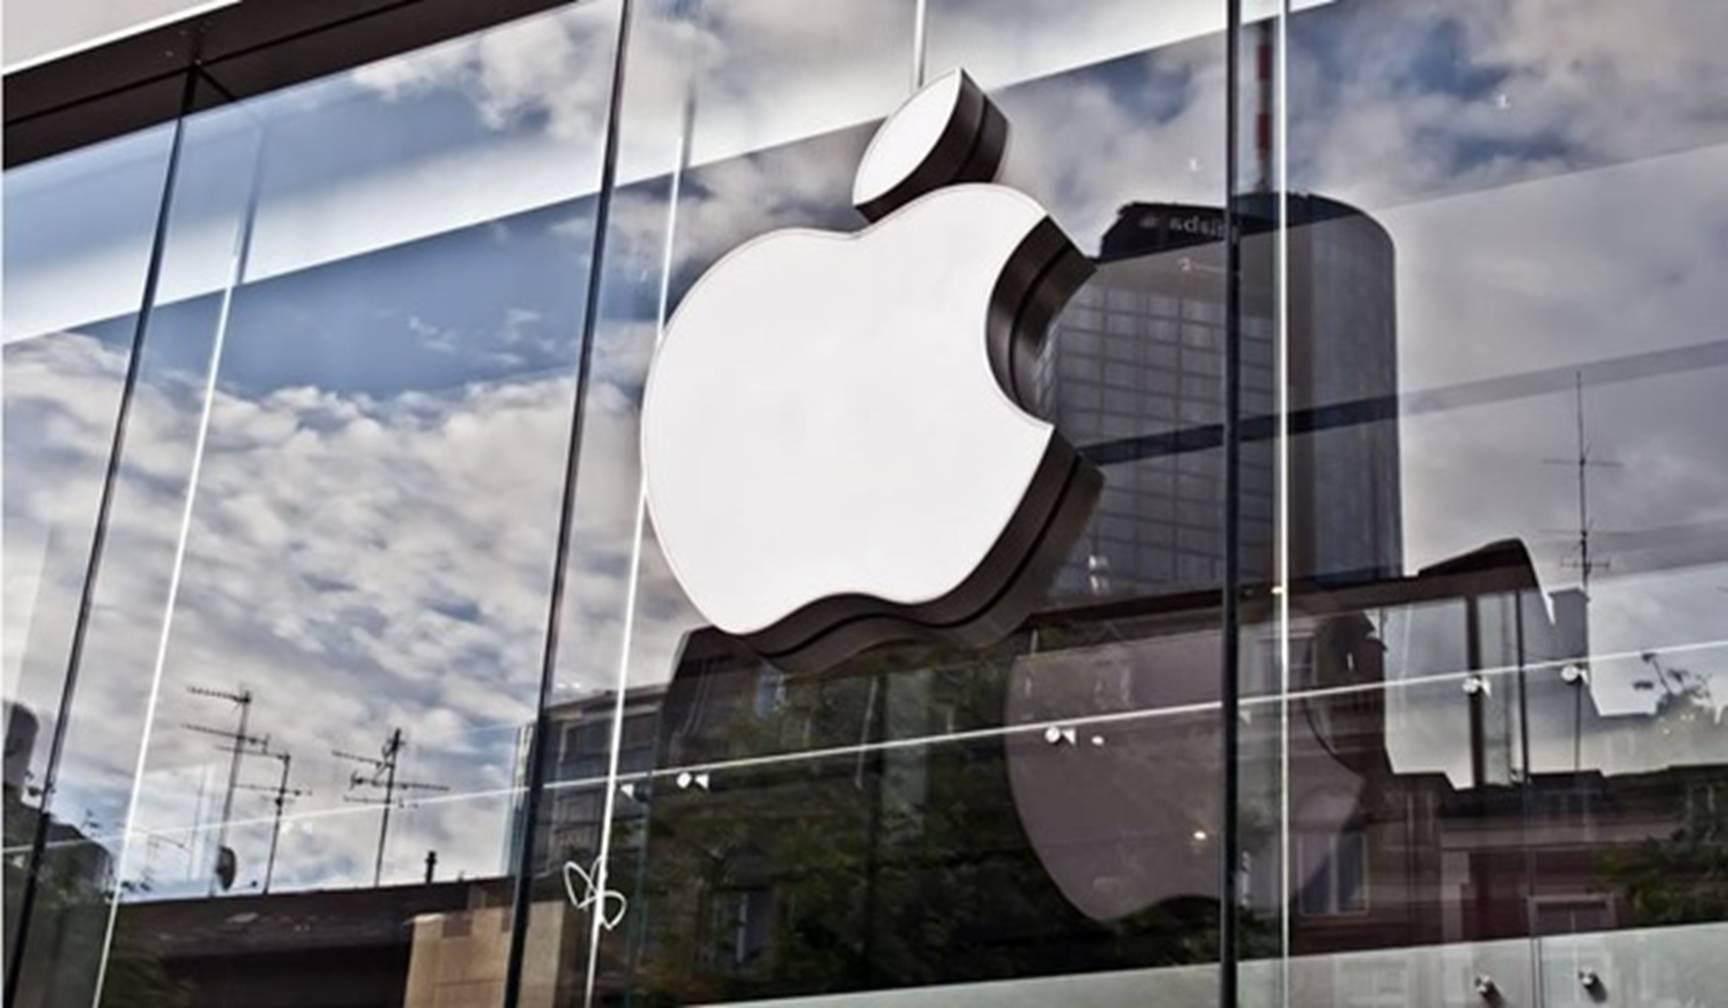 Kebingungan, Ternyata Banyak Negara Meminta Apple untuk Menghapus Aplikasi Judi dari App Store 3